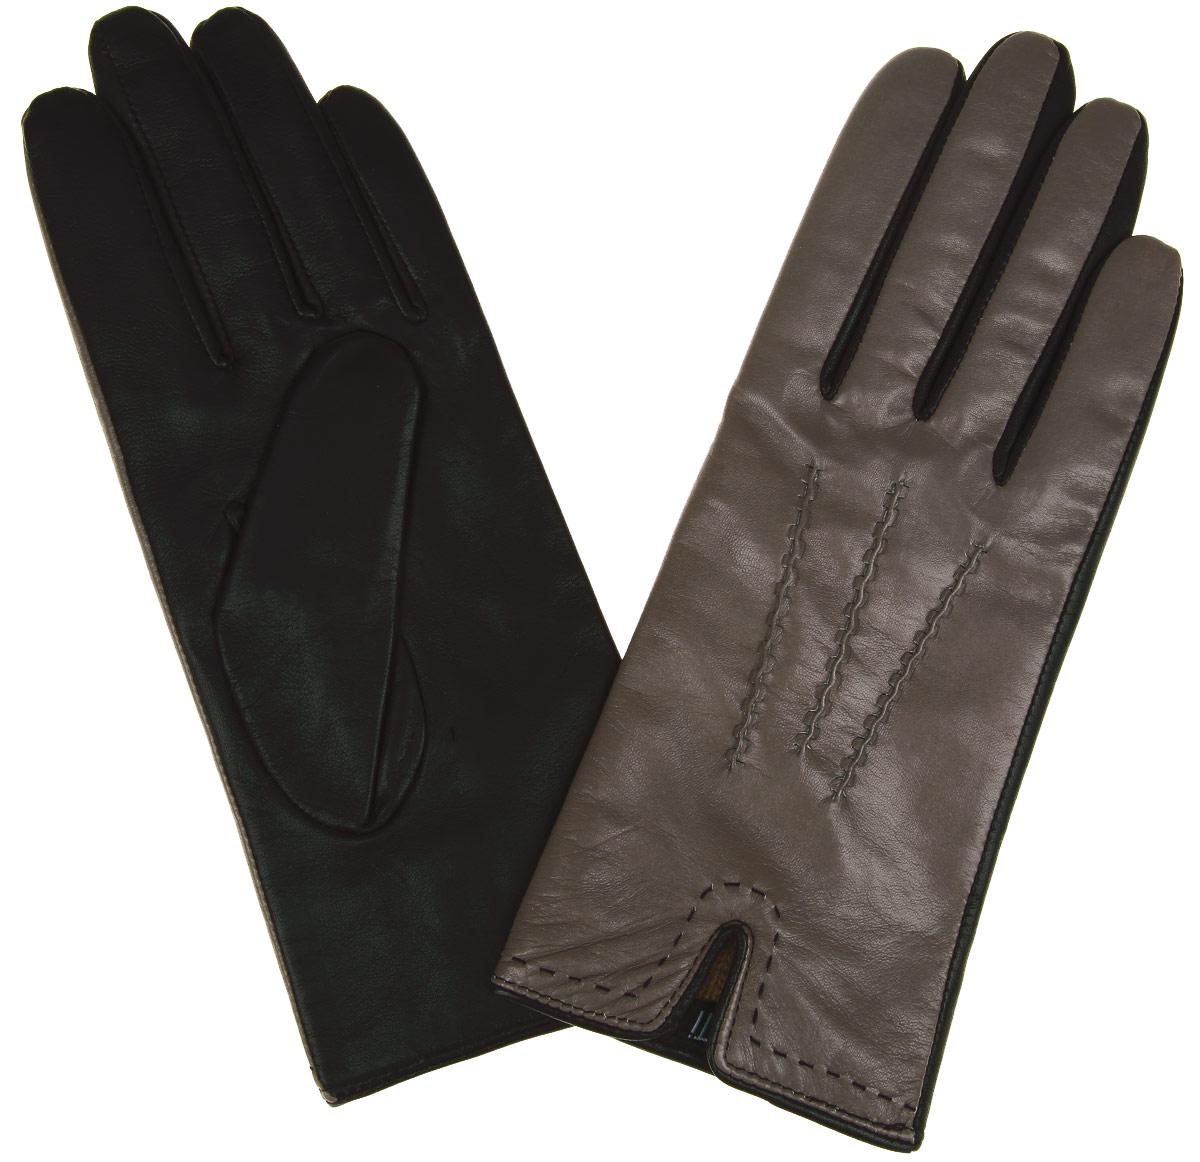 2.27-10Элегантные женские перчатки Fabretti станут великолепным дополнением вашего образа и защитят ваши руки от холода и ветра во время прогулок. Перчатки выполнены из эфиопской перчаточной кожи ягненка на подкладке из шерсти с добавлением кашемира, что позволяет им надежно сохранять тепло. Манжеты с внешней стороны дополнены разрезами. Модель оформлена декоративной прострочкой. Такие перчатки будут оригинальным завершающим штрихом в создании современного модного образа, они подчеркнут ваш изысканный вкус и станут незаменимым и практичным аксессуаром.